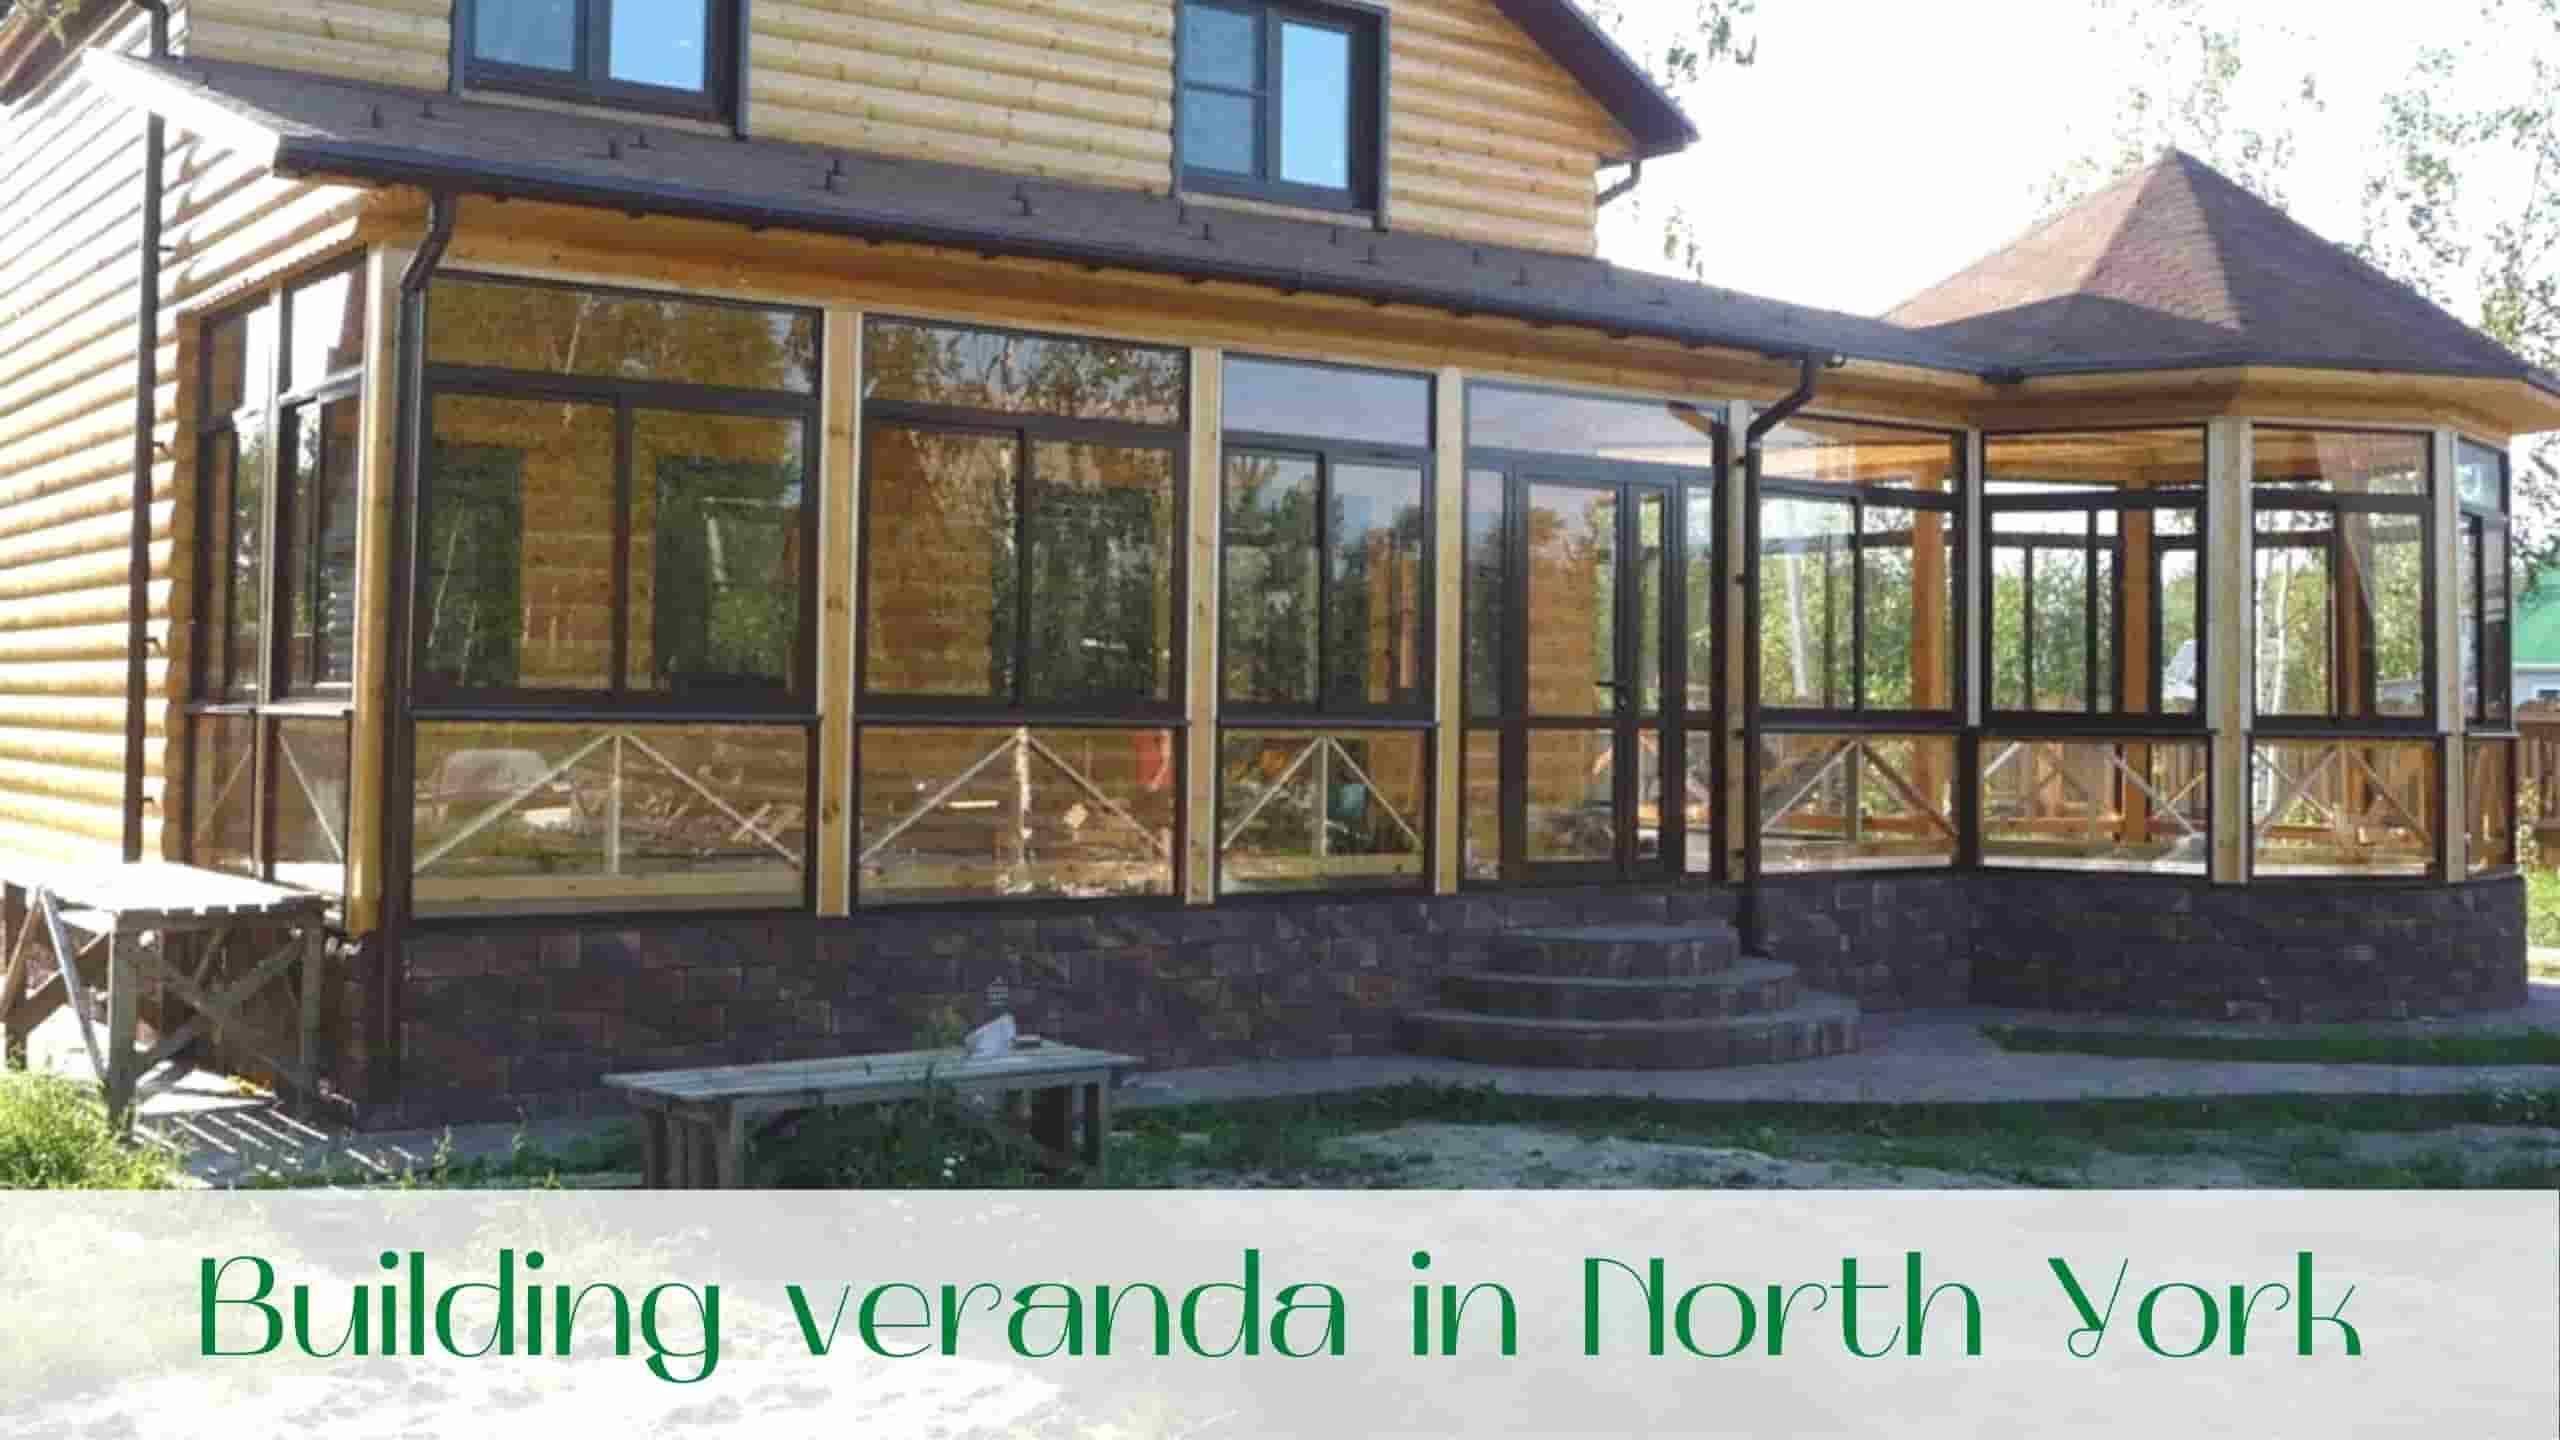 image-building-veranda-north-york